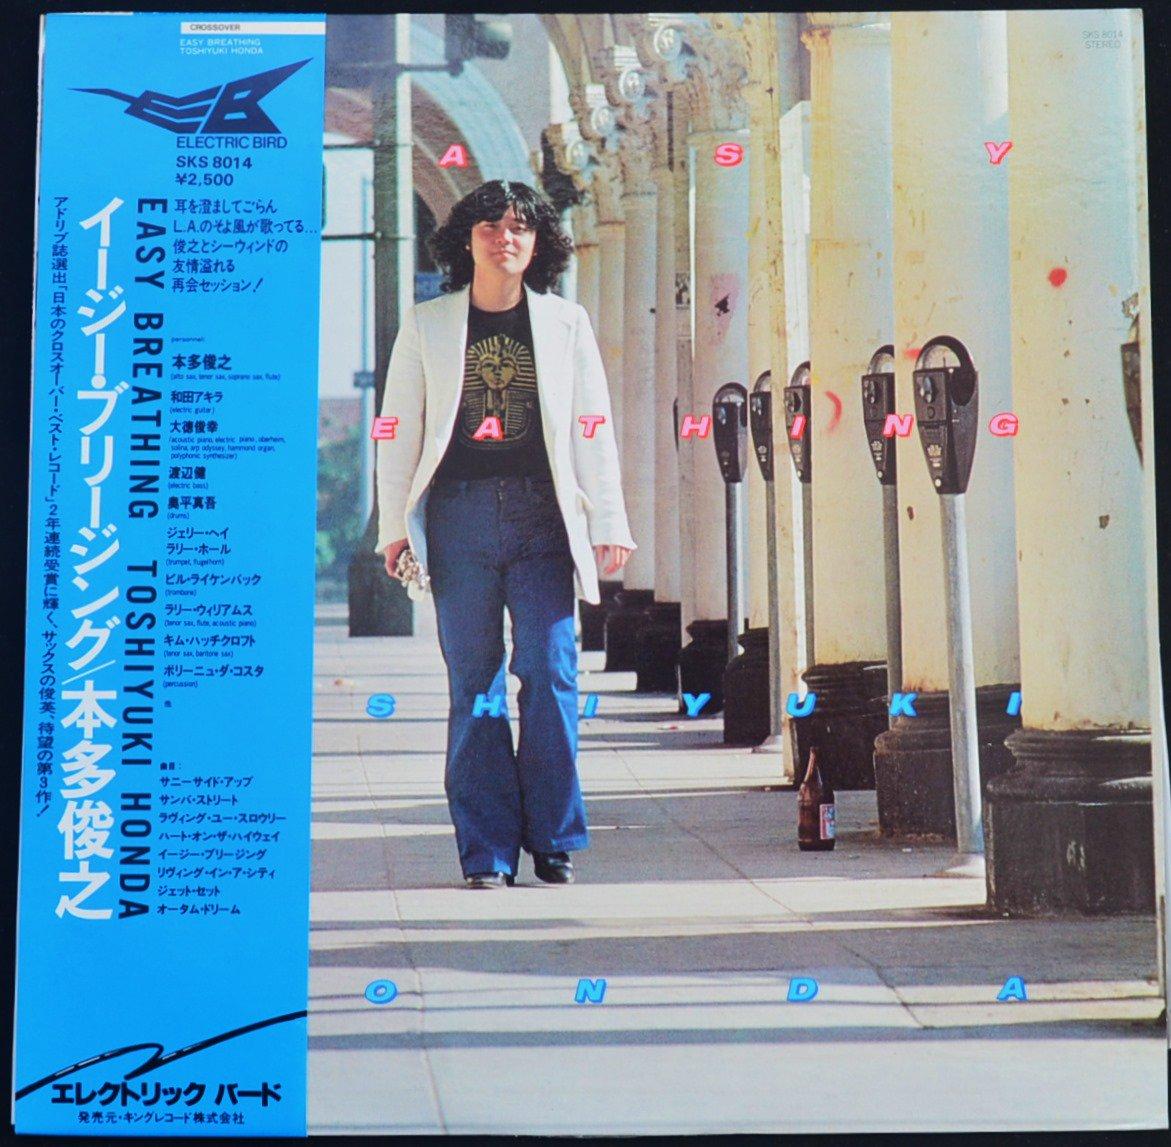 本多俊之 TOSHIYUKI HONDA / イージー・ブリージング EASY BREATHING (LP)